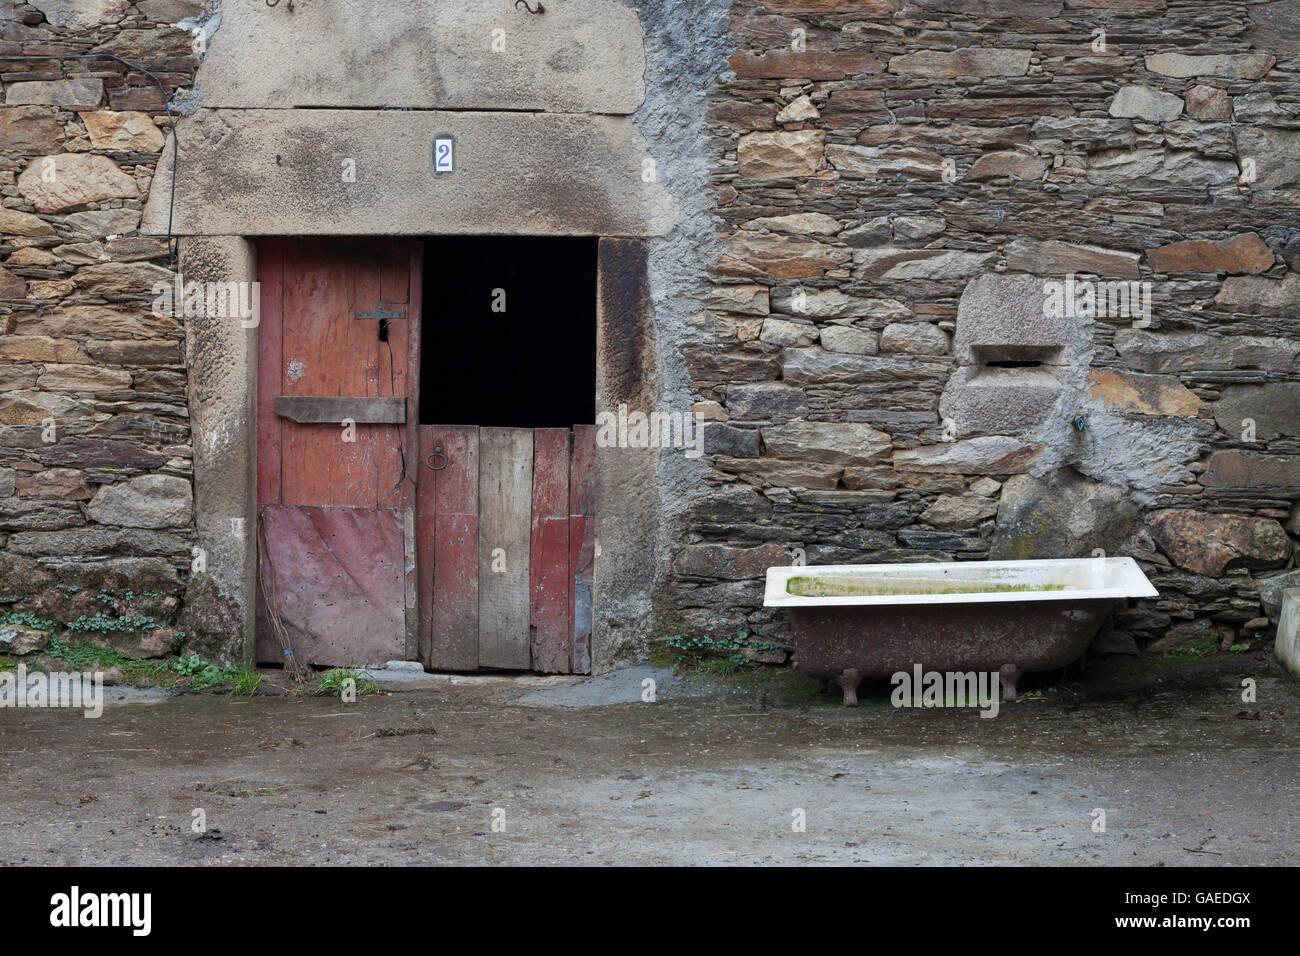 San Romao da Retorta, Spain: Rustic farmhouse along the Camino Primitivo. - Stock Image